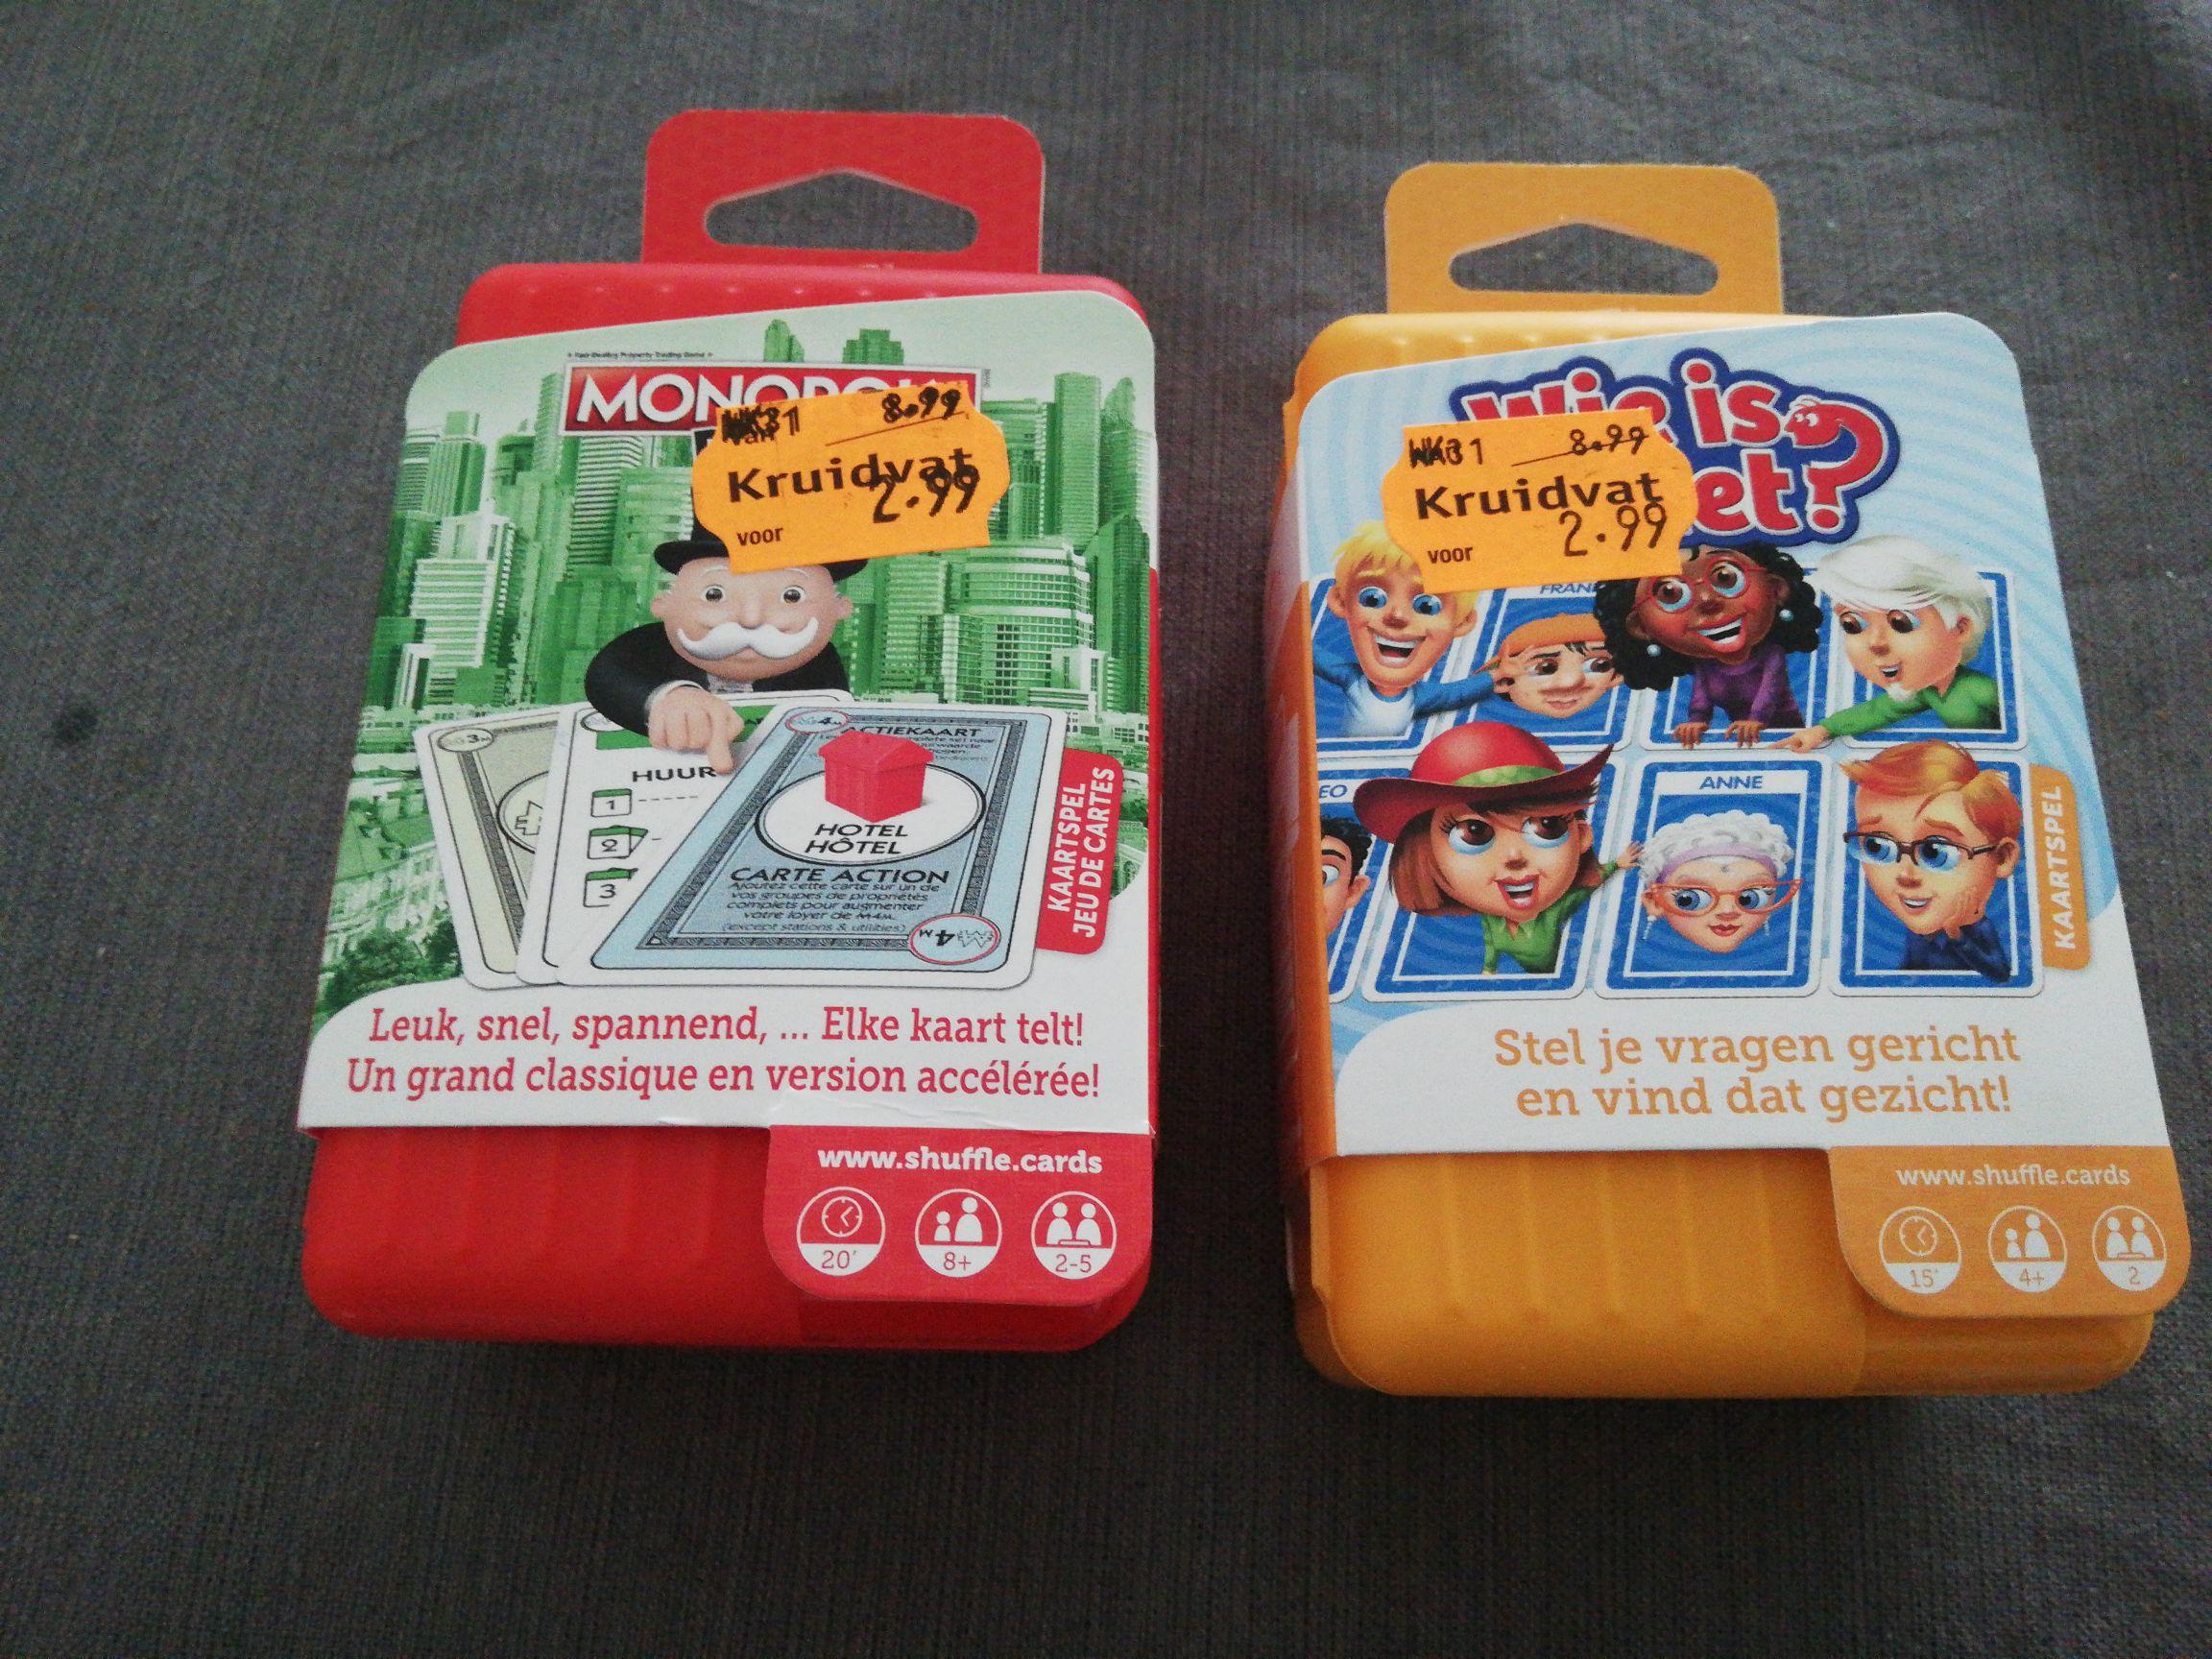 Monopoly en Wie is het? Shuffle kaartspel in de Kruidvat winkels!